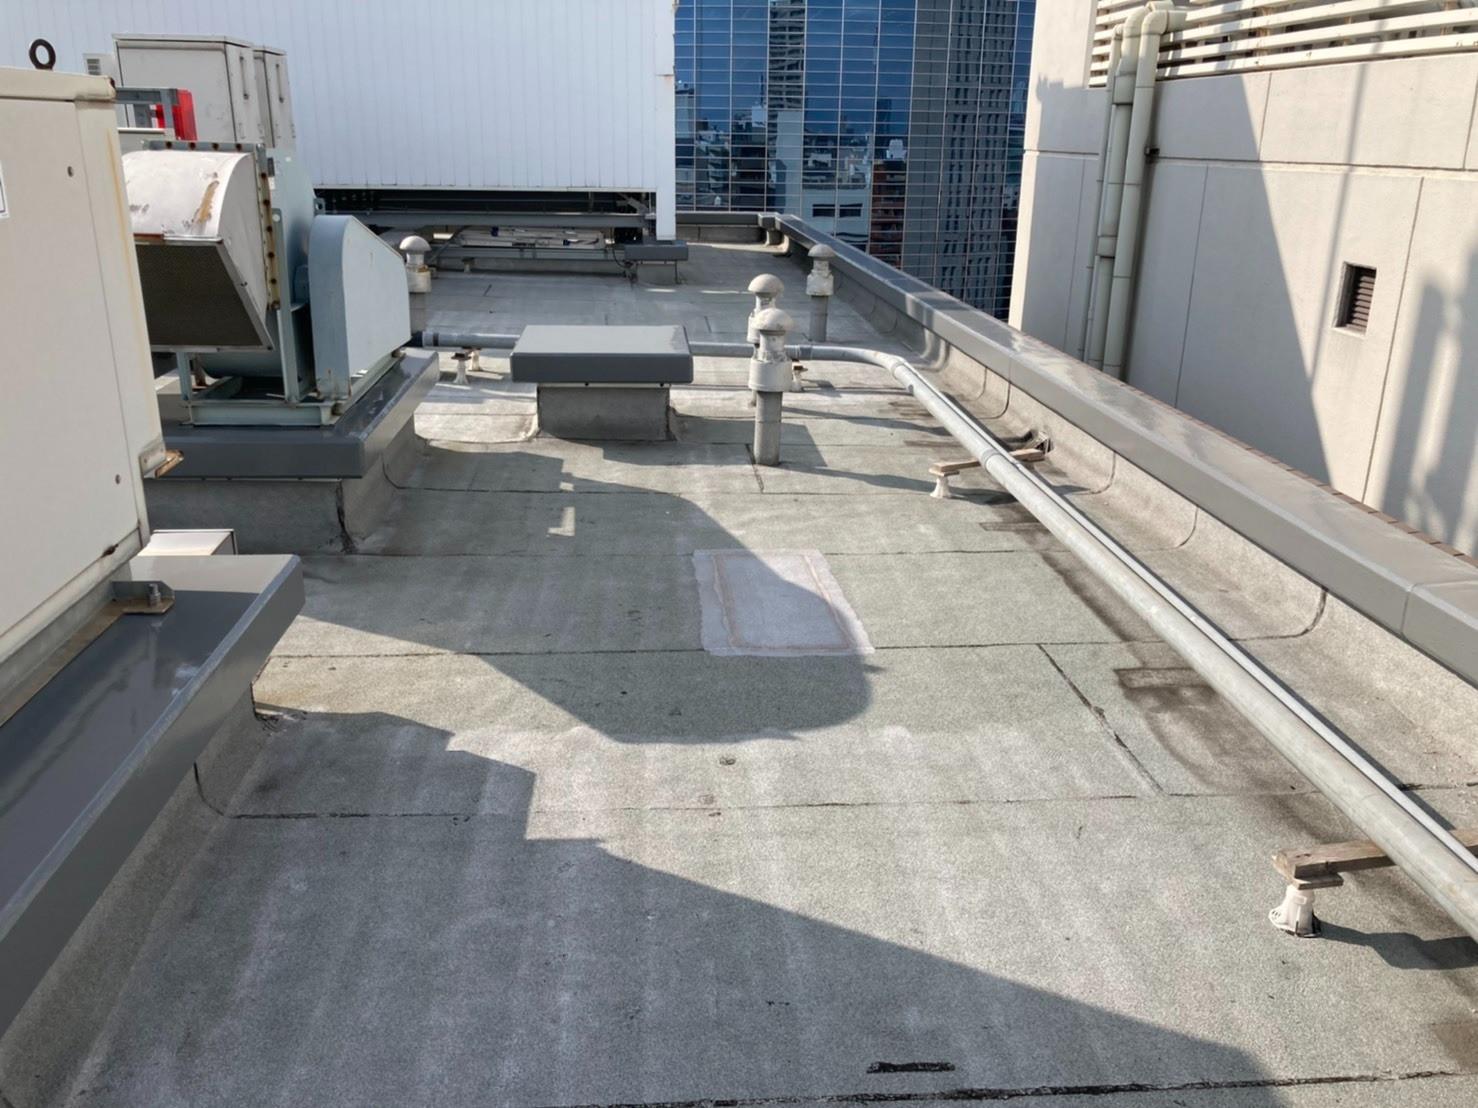 大阪市 マンション屋上 250㎡ 塩ビシート防水 機械固定工法 before画像